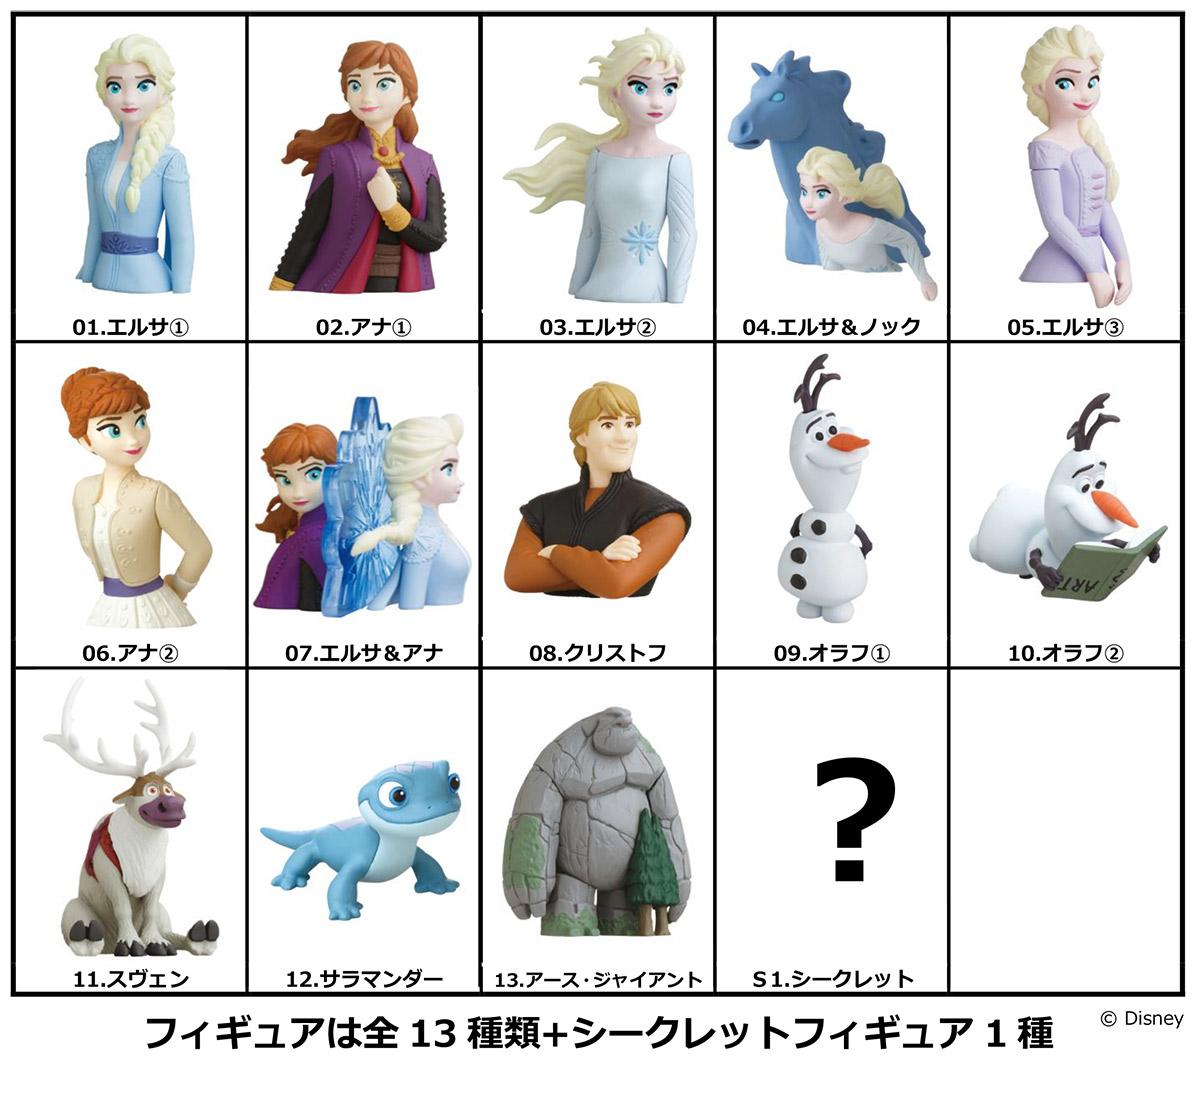 アナと雪の女王2 キャラクター